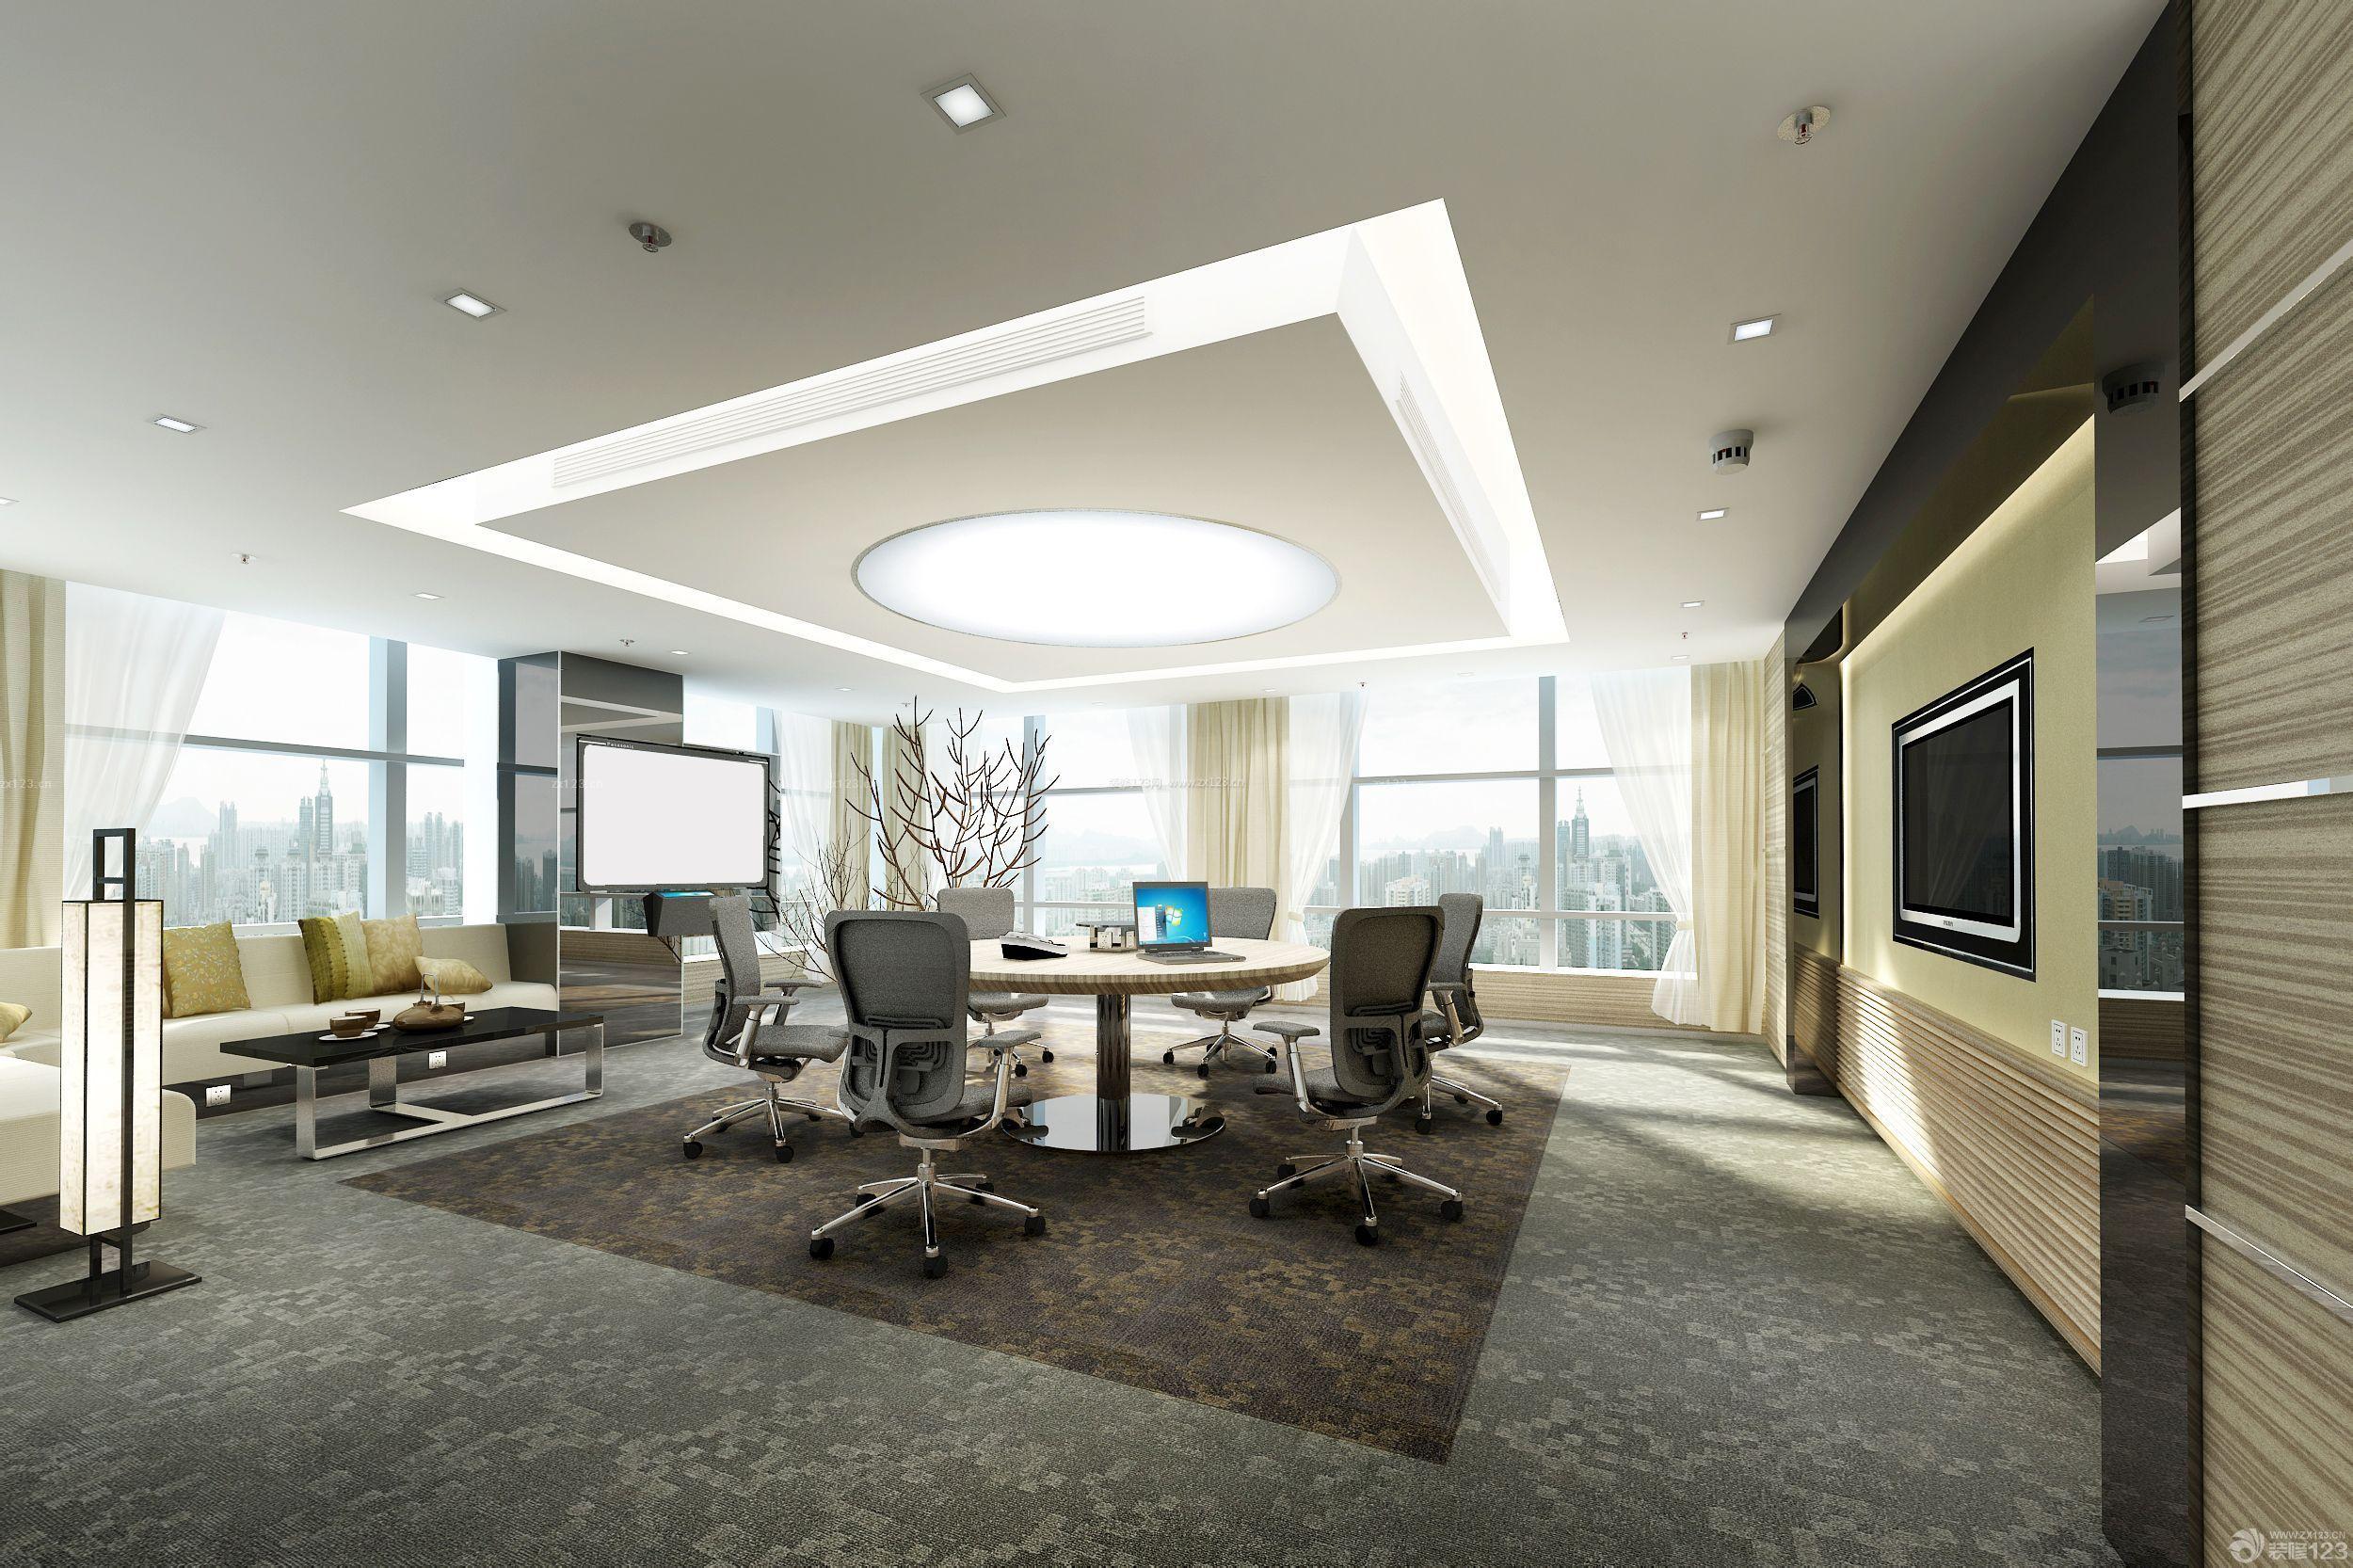 80平米老板办公室工装装修效果图